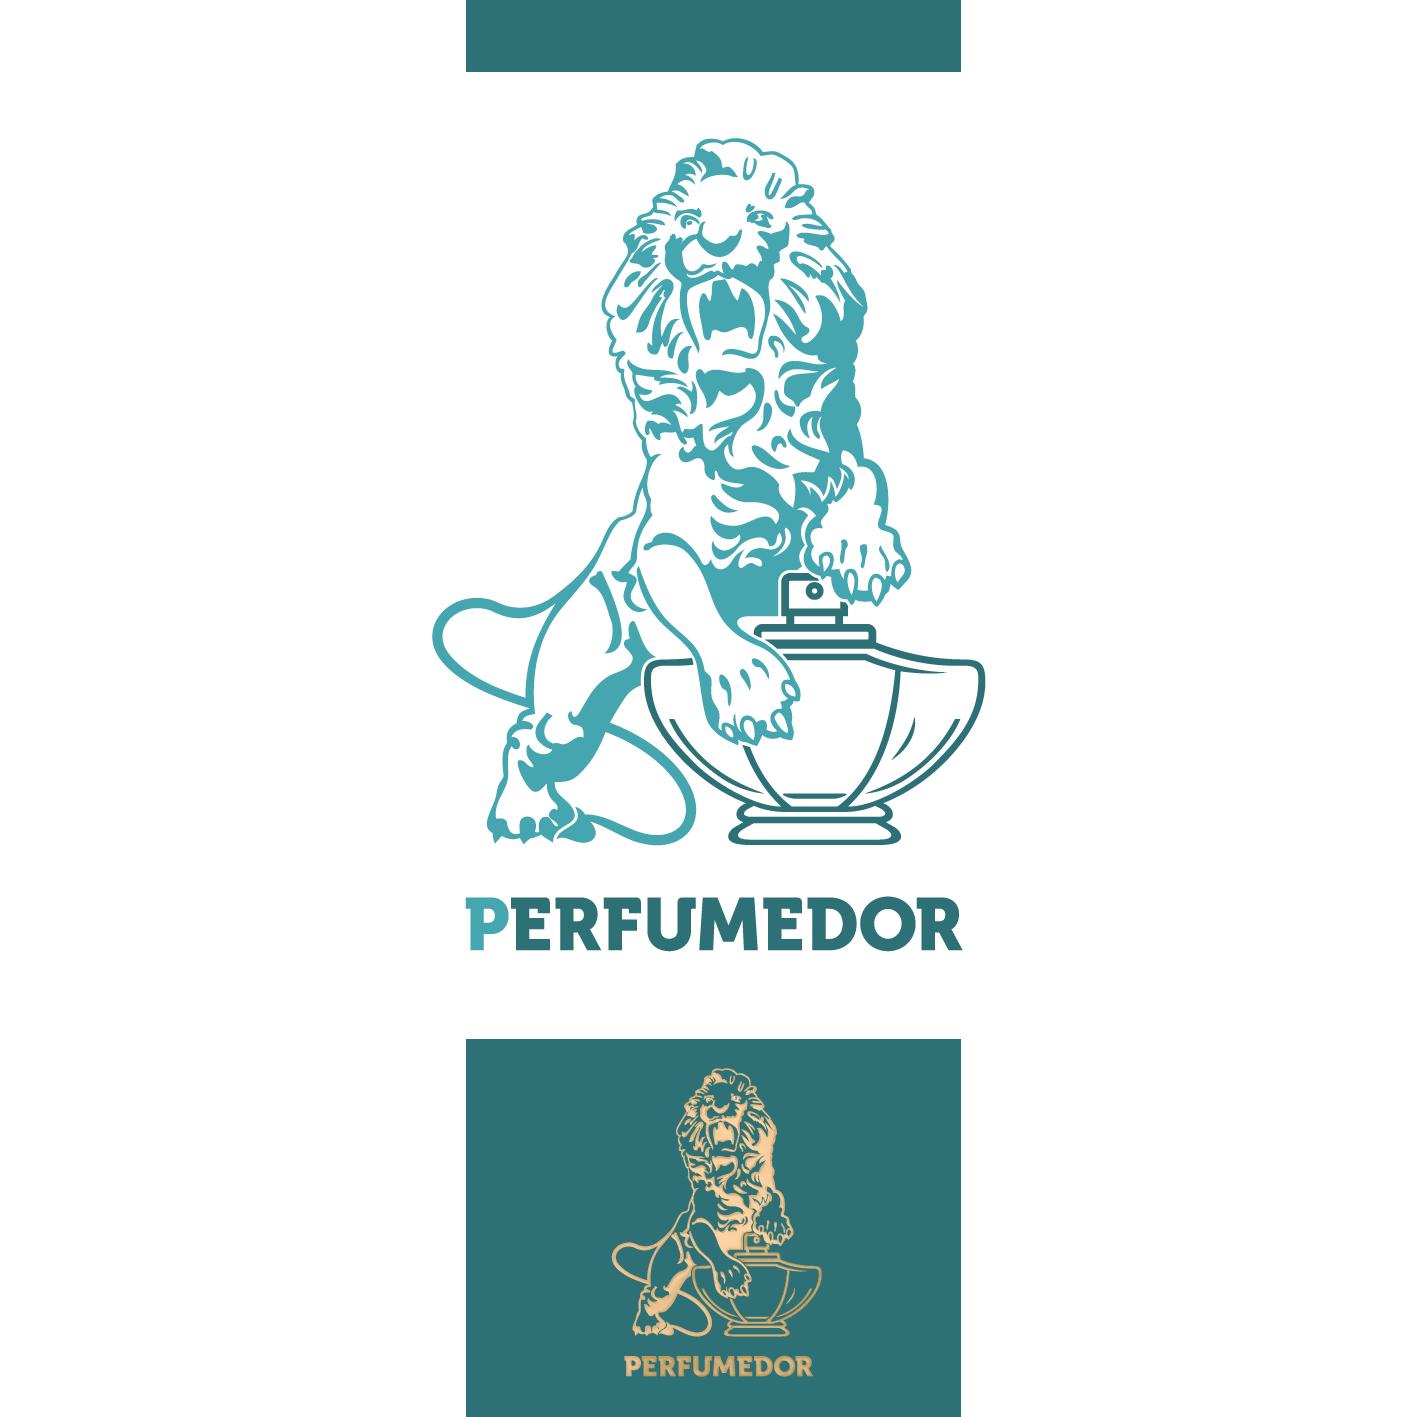 Логотип для интернет-магазина парфюмерии фото f_7025b46651f5bcb0.png